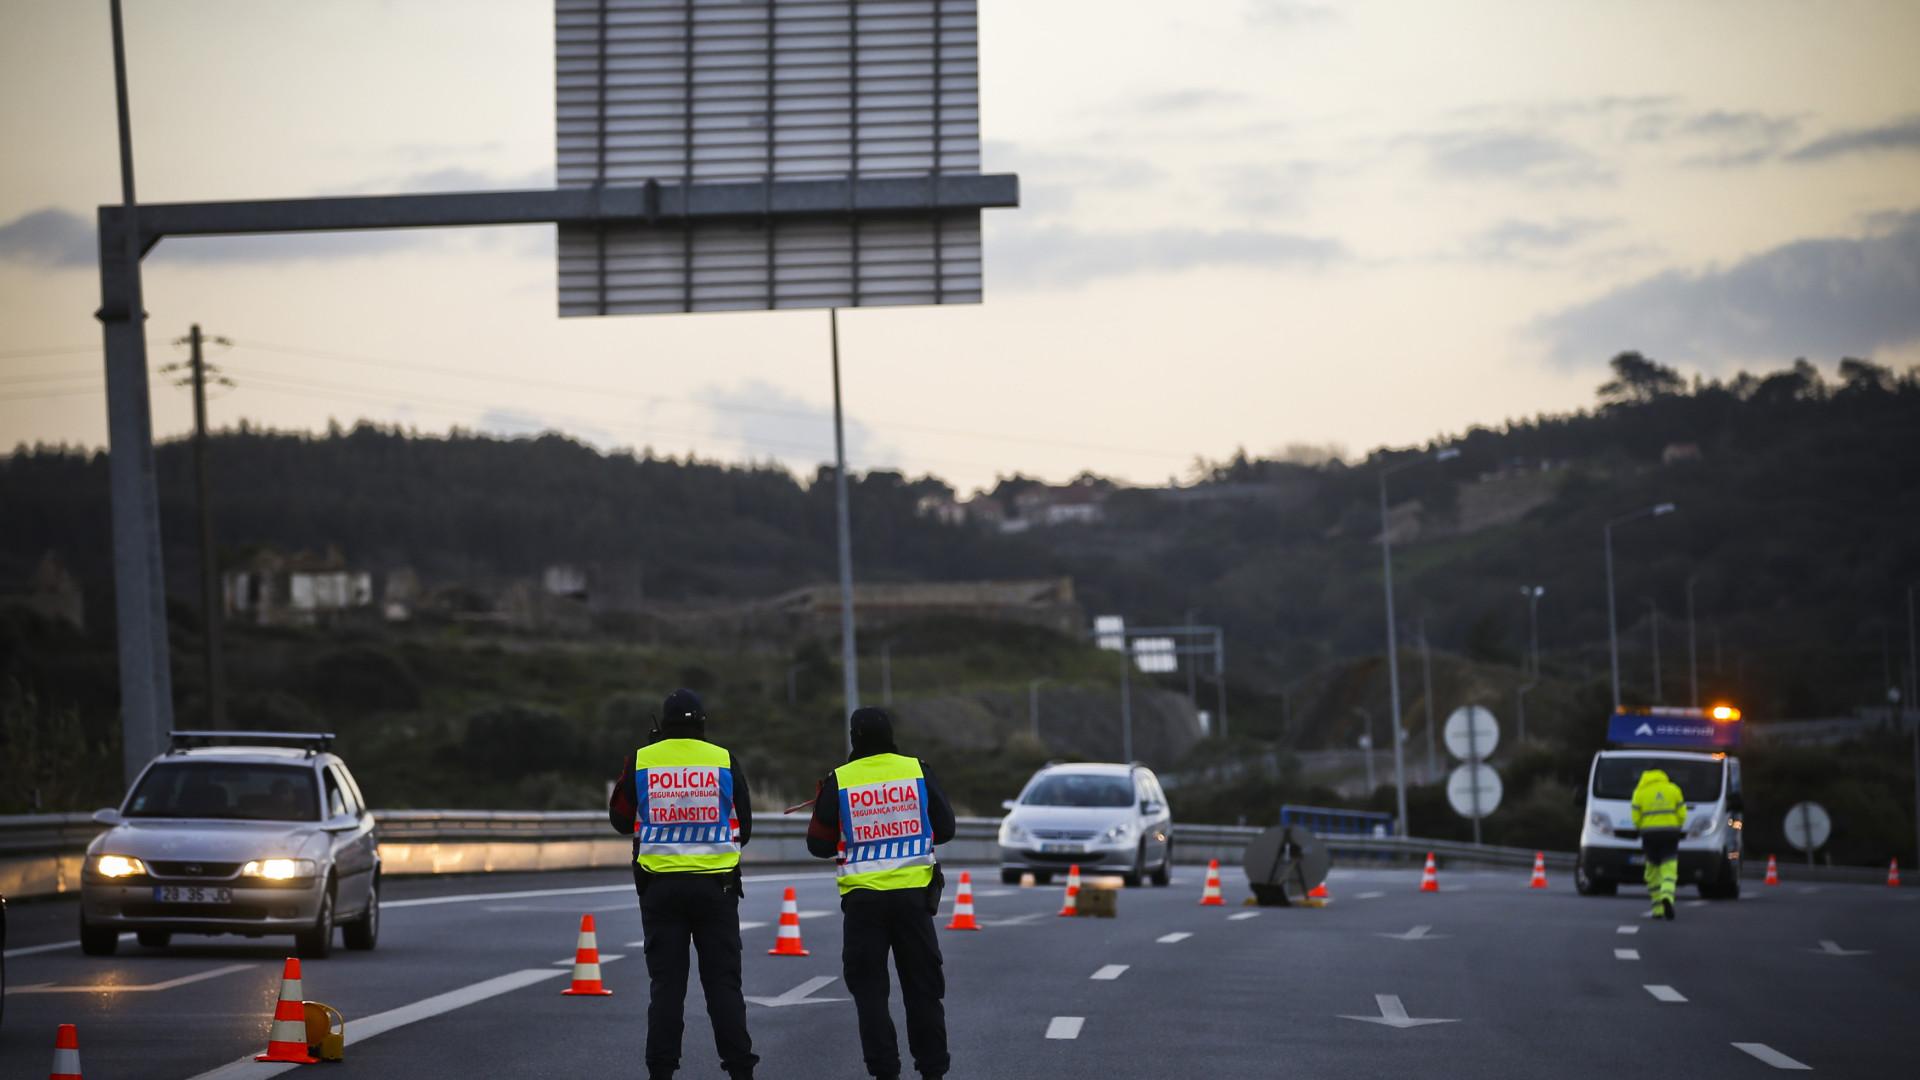 Grupo acusado de matar condutor na A16 em Sintra conhece hoje acórdão